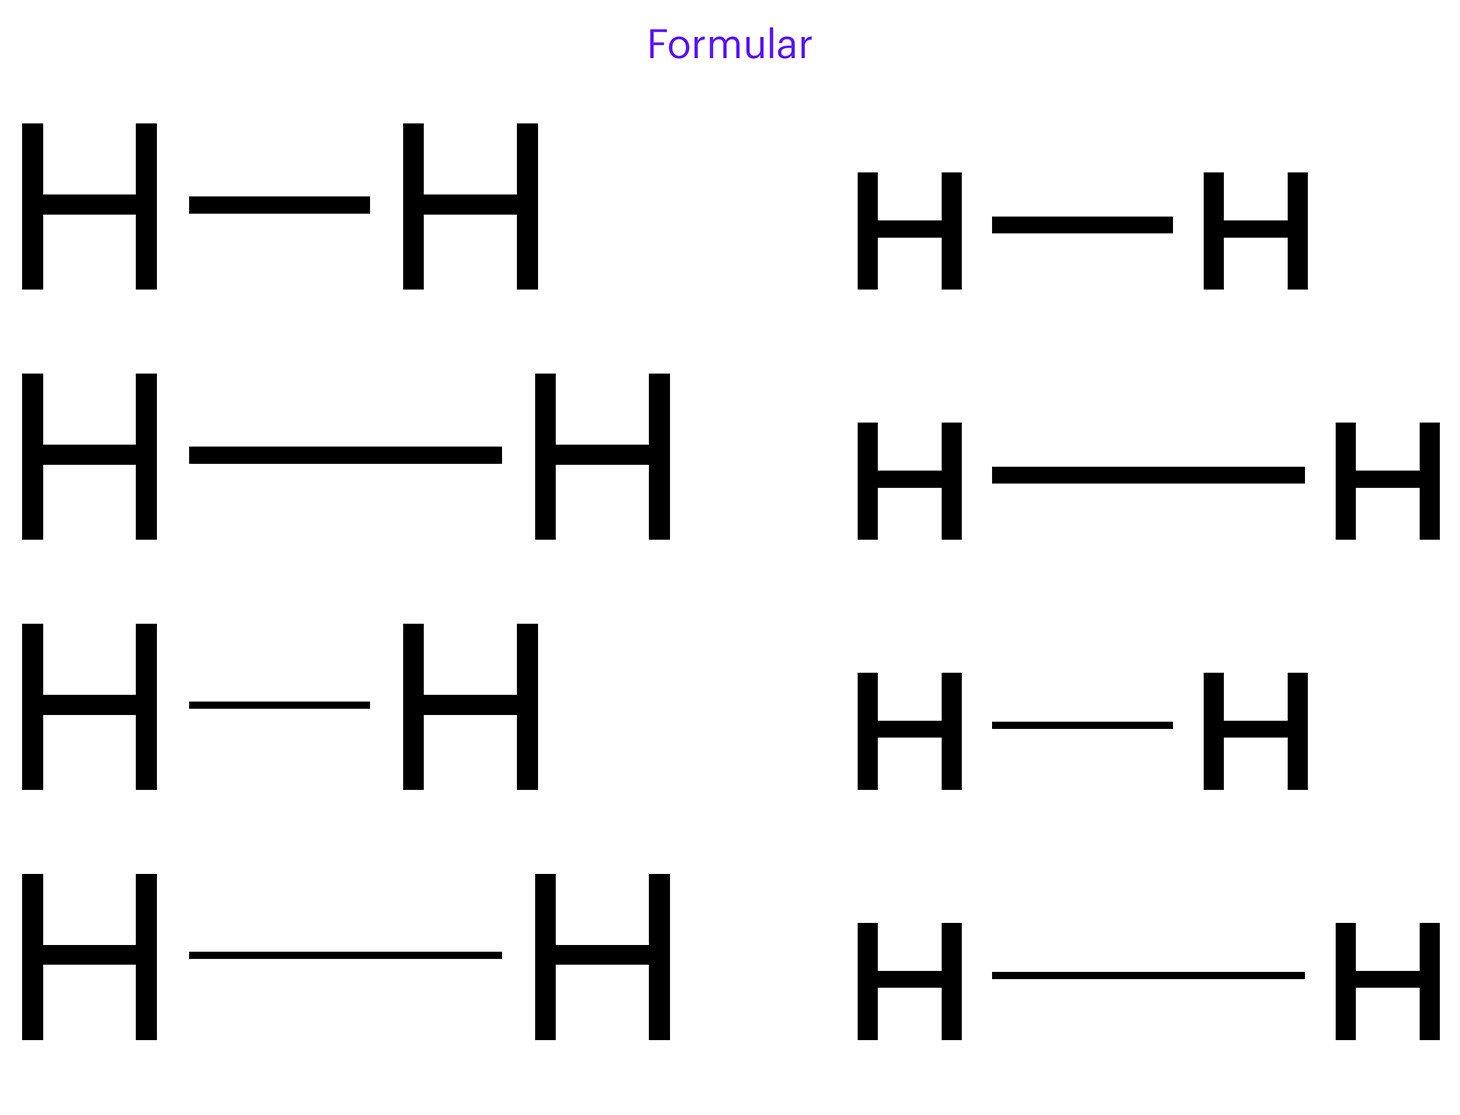 formular-15